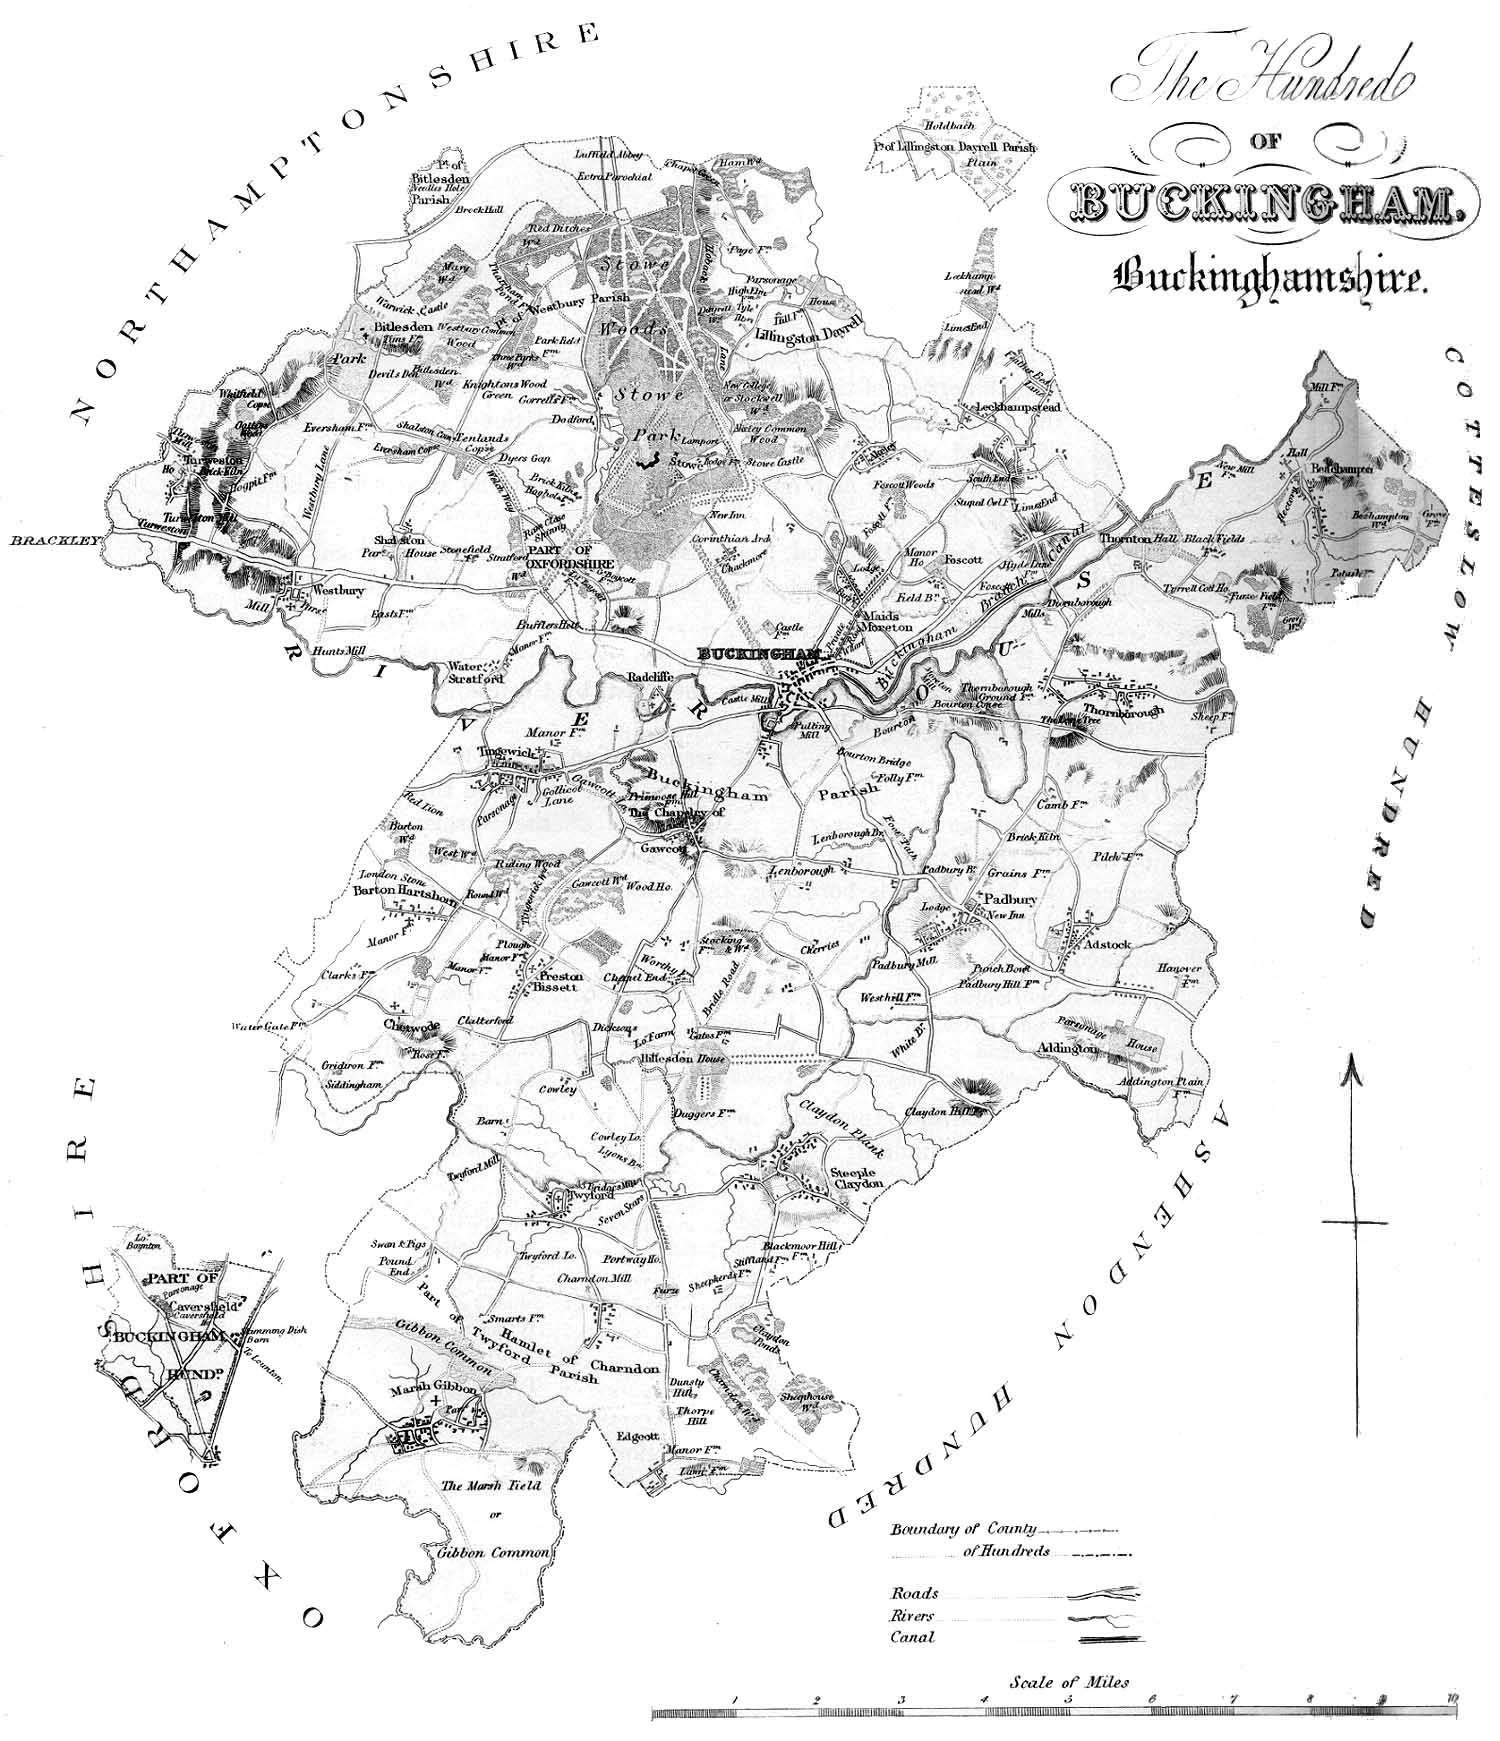 Map of the Buckingham Hundred